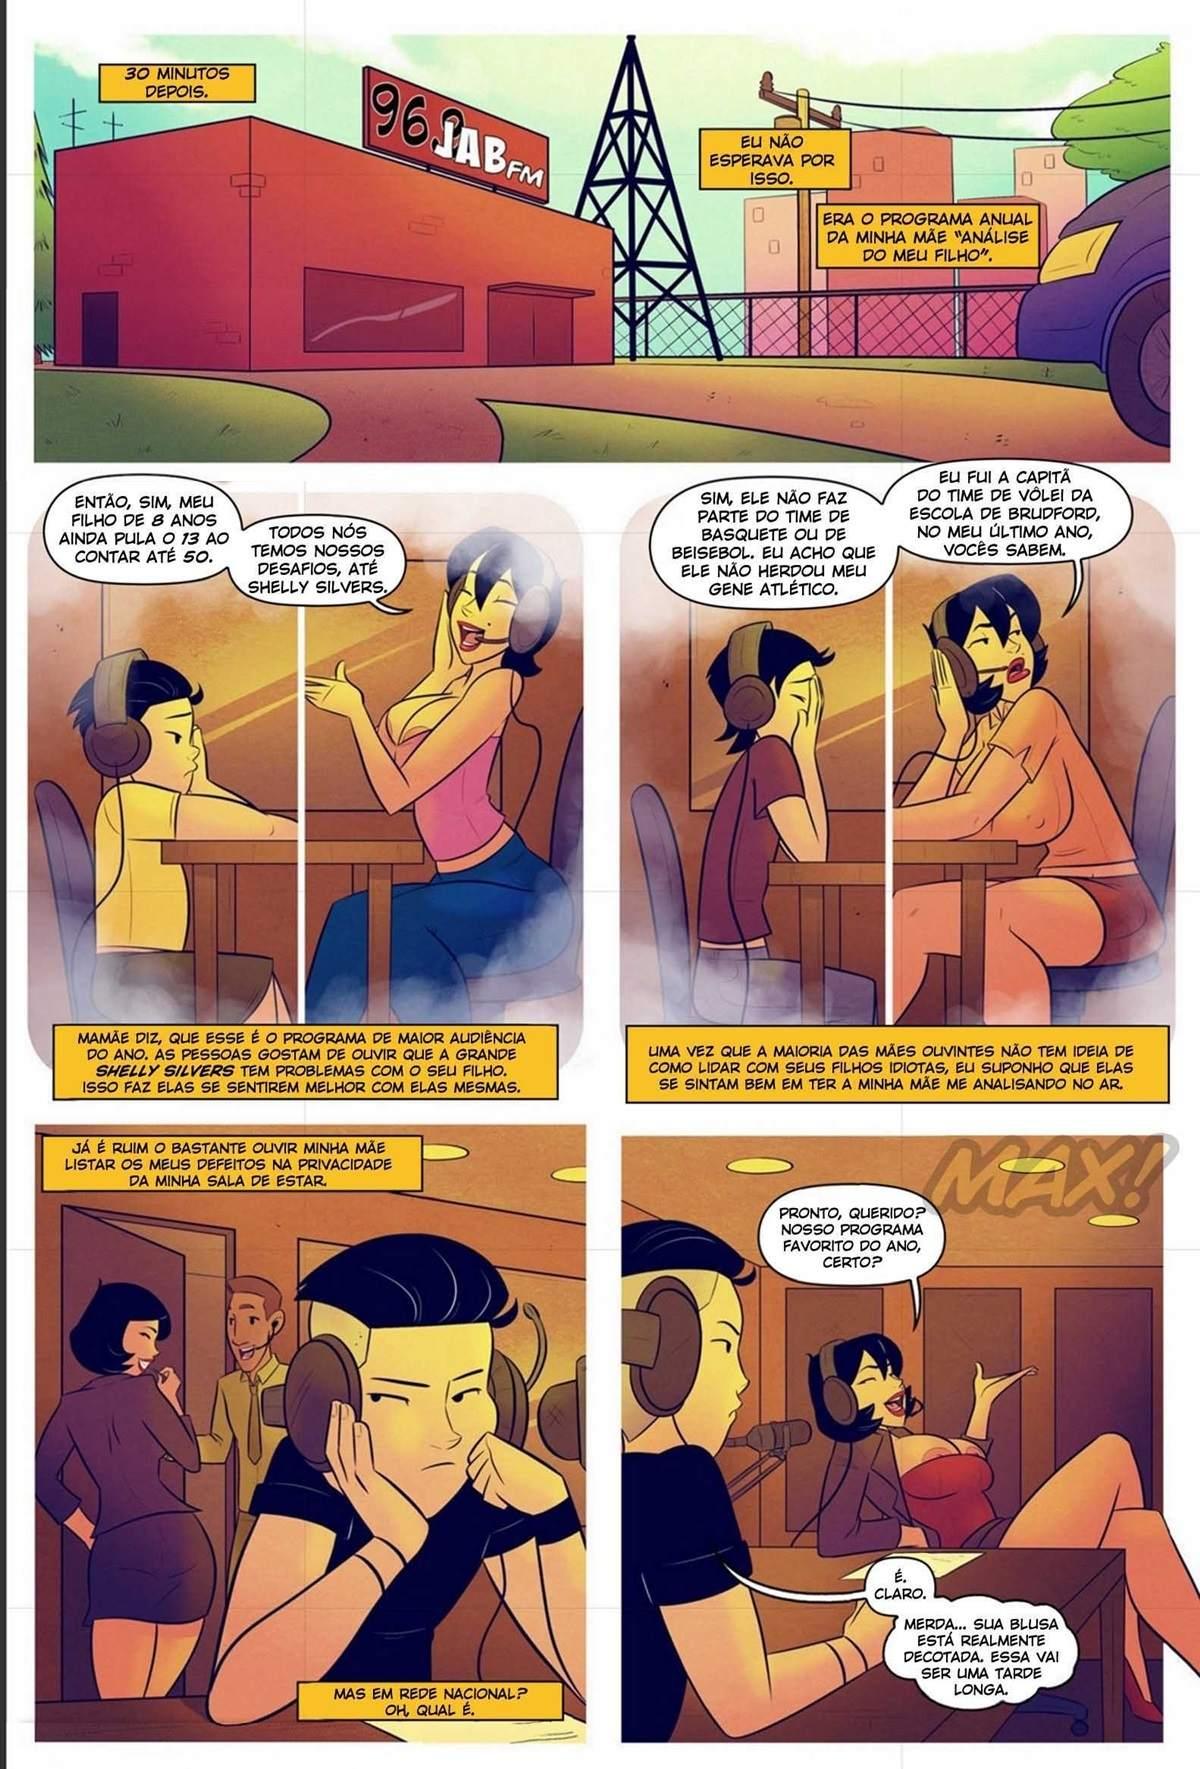 Minha Mae A Estrela do Radio The Hentai pt br 12 - hentai, comics-hq